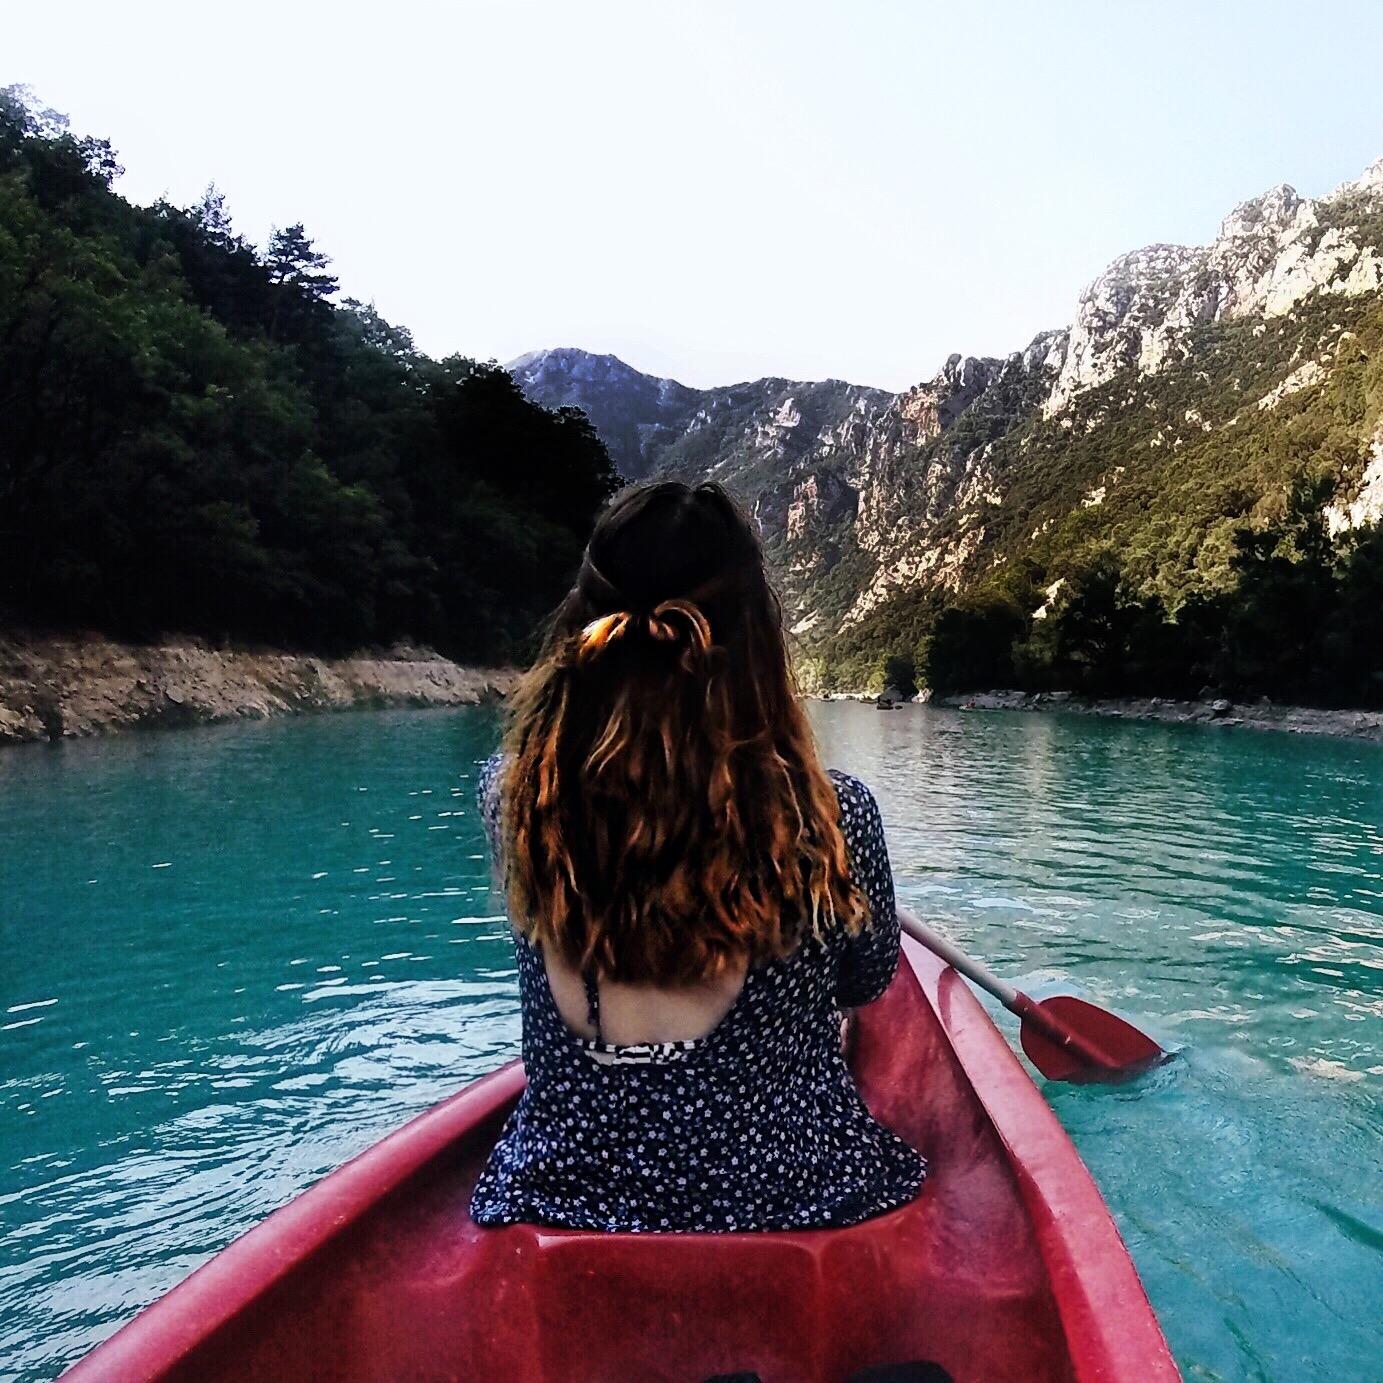 Kanu and blue lake, Adventure, Abenteuter, Schlucht von Verdon, Kanufahren, Urlaub, Kanu leihen Frankreich